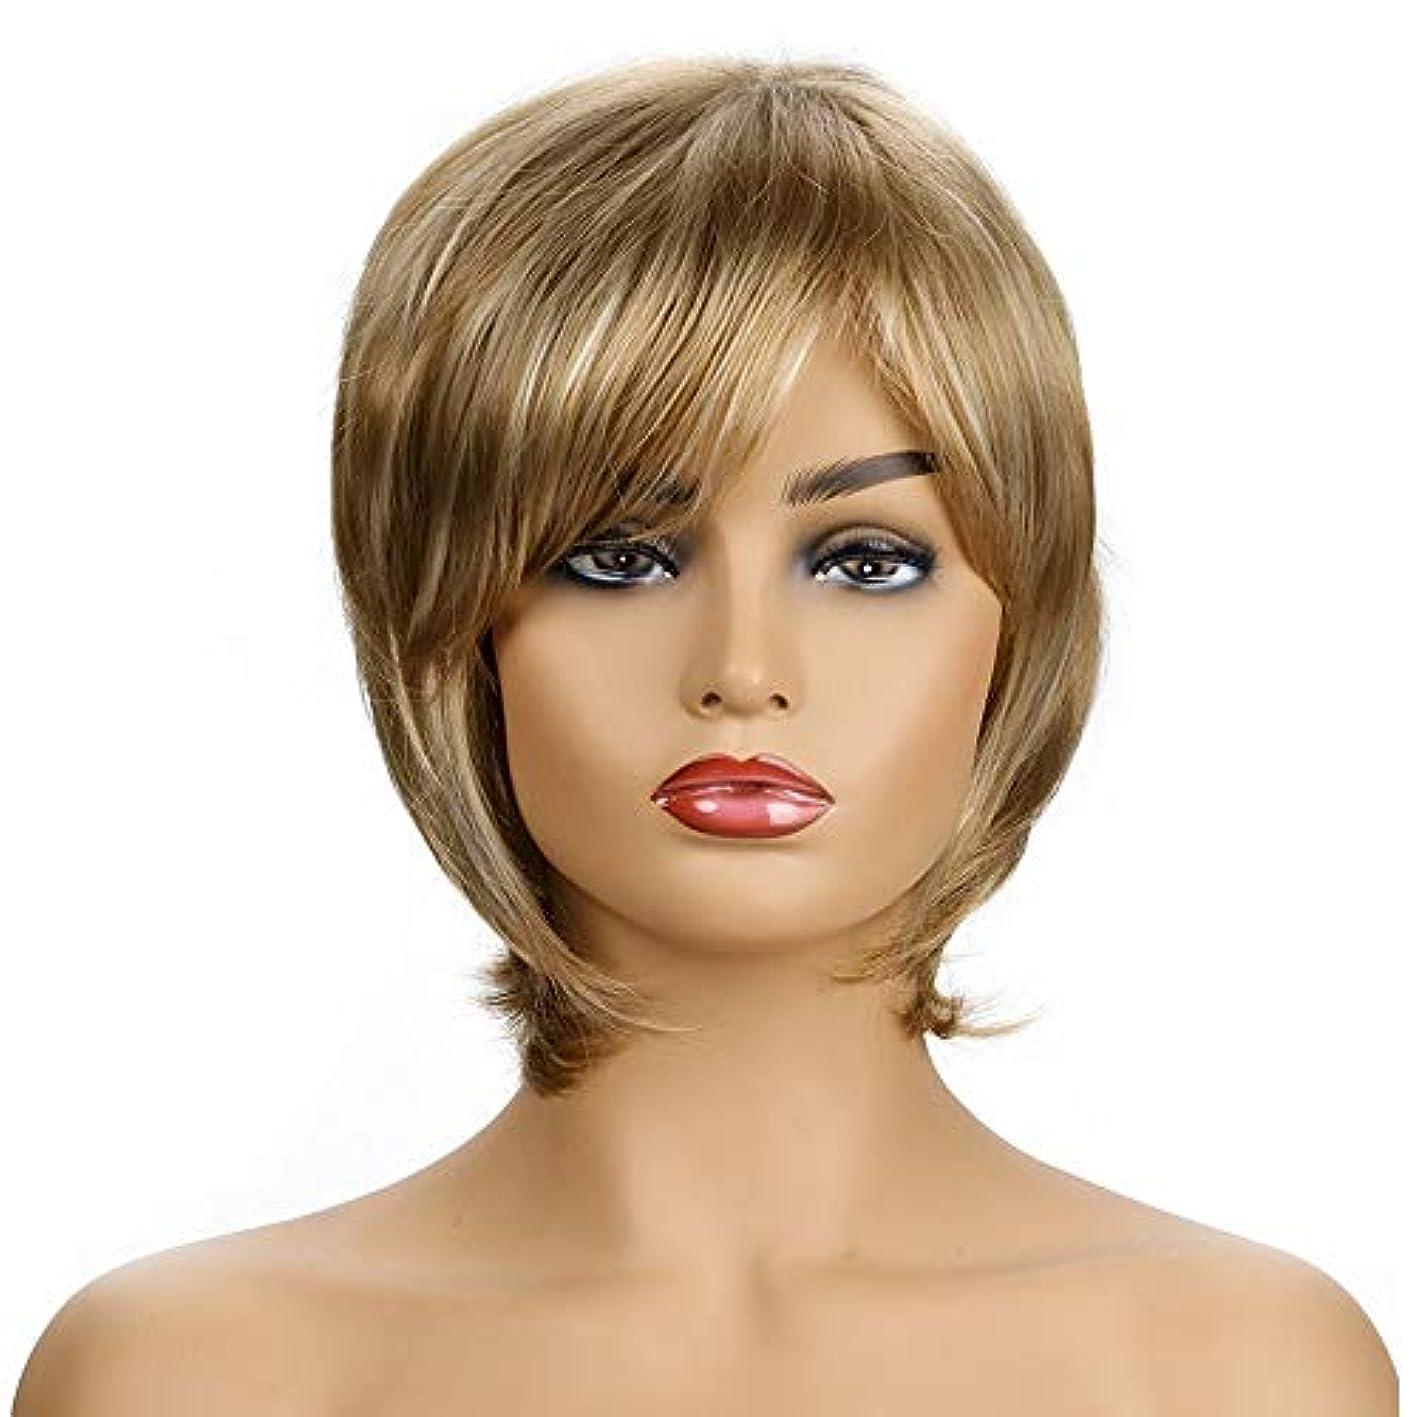 心臓モニター嫌い女性の短い金の巻き毛のかつら、女性の側部のかつら、黒人女性のための自然なかつら、合成衣装ハロウィンコスプレパーティーウィッグ(ウィッグキャップ付き)